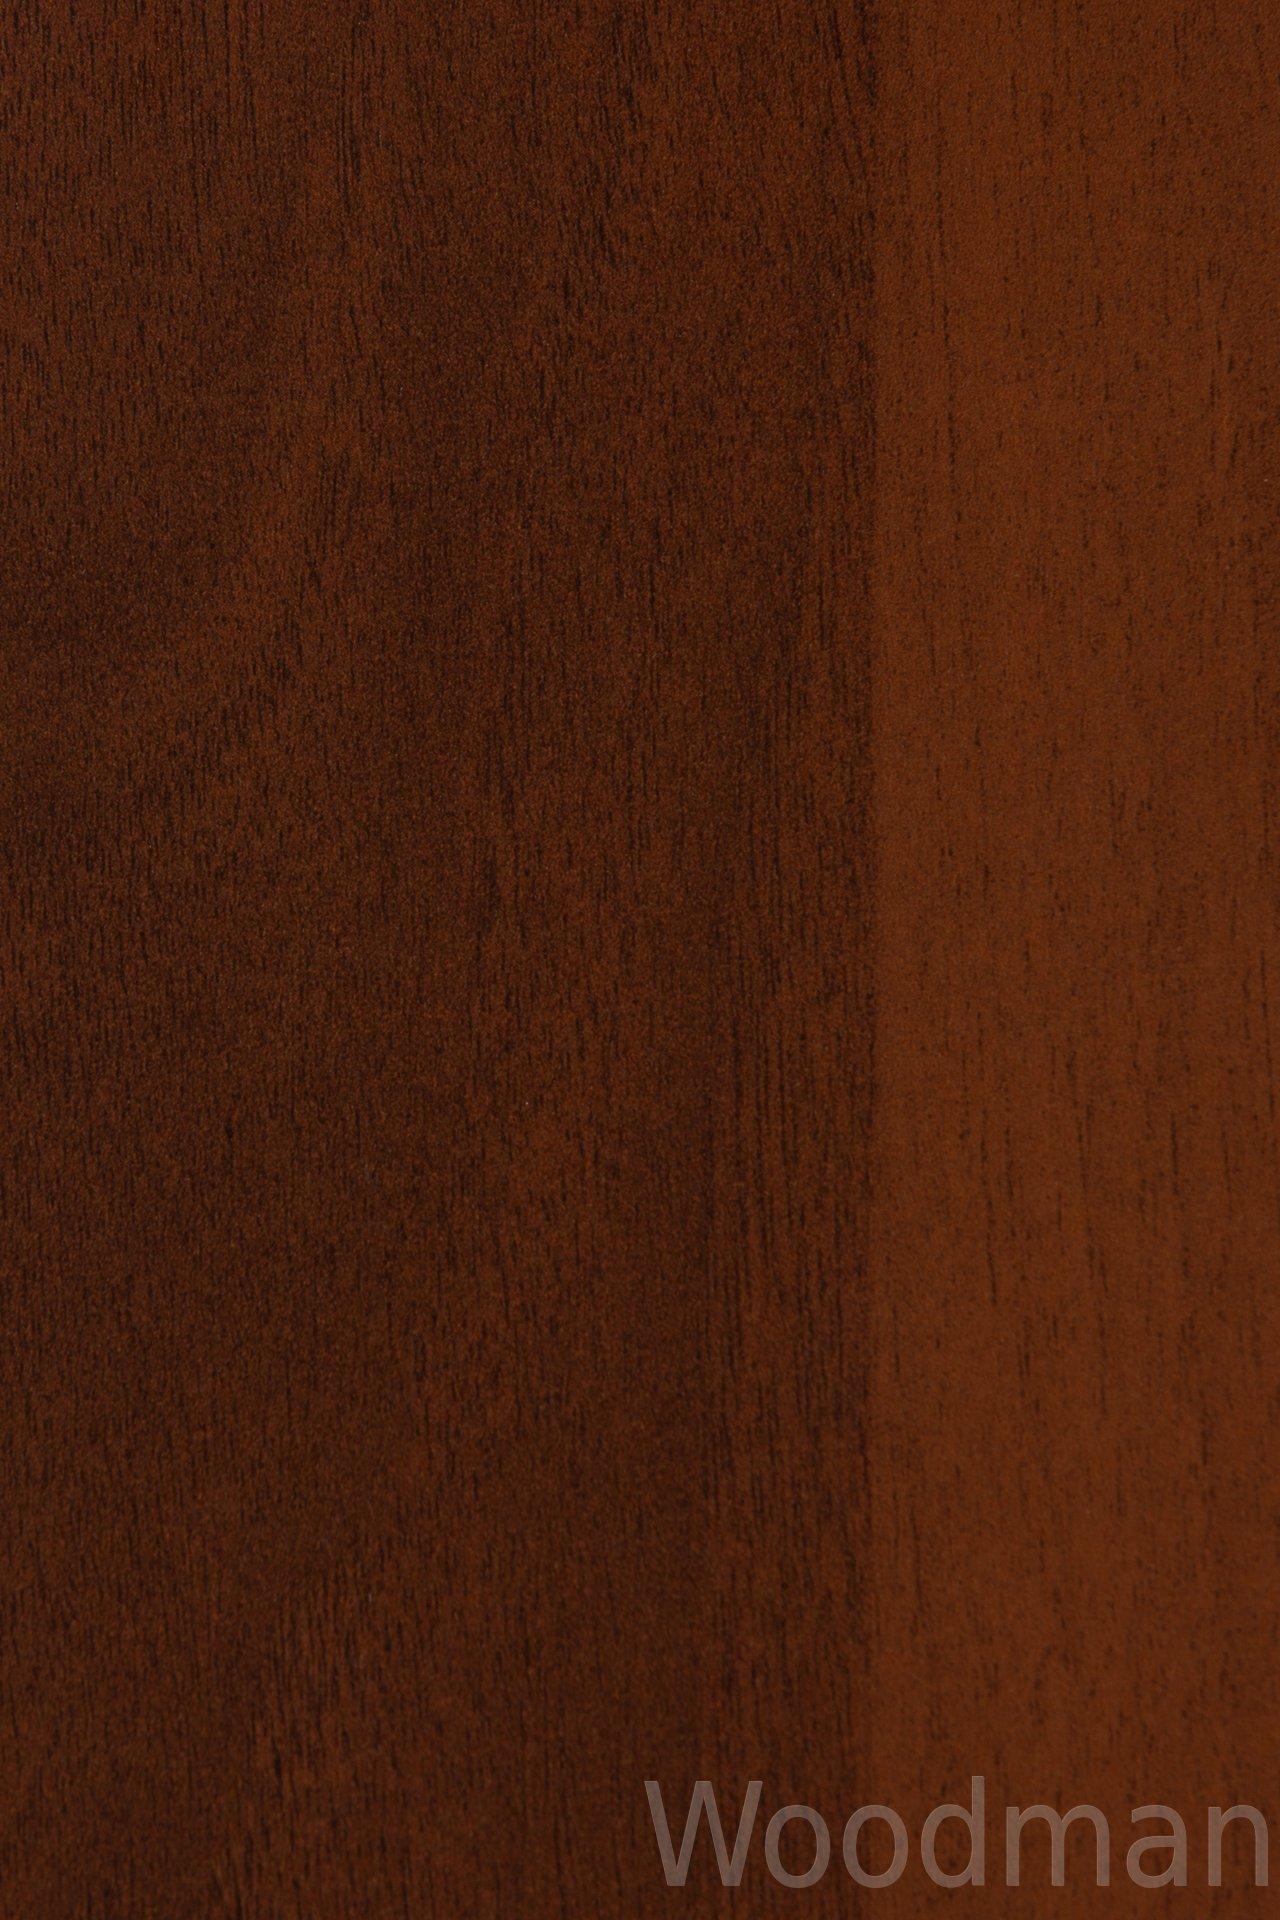 цвет орех французский фото угги